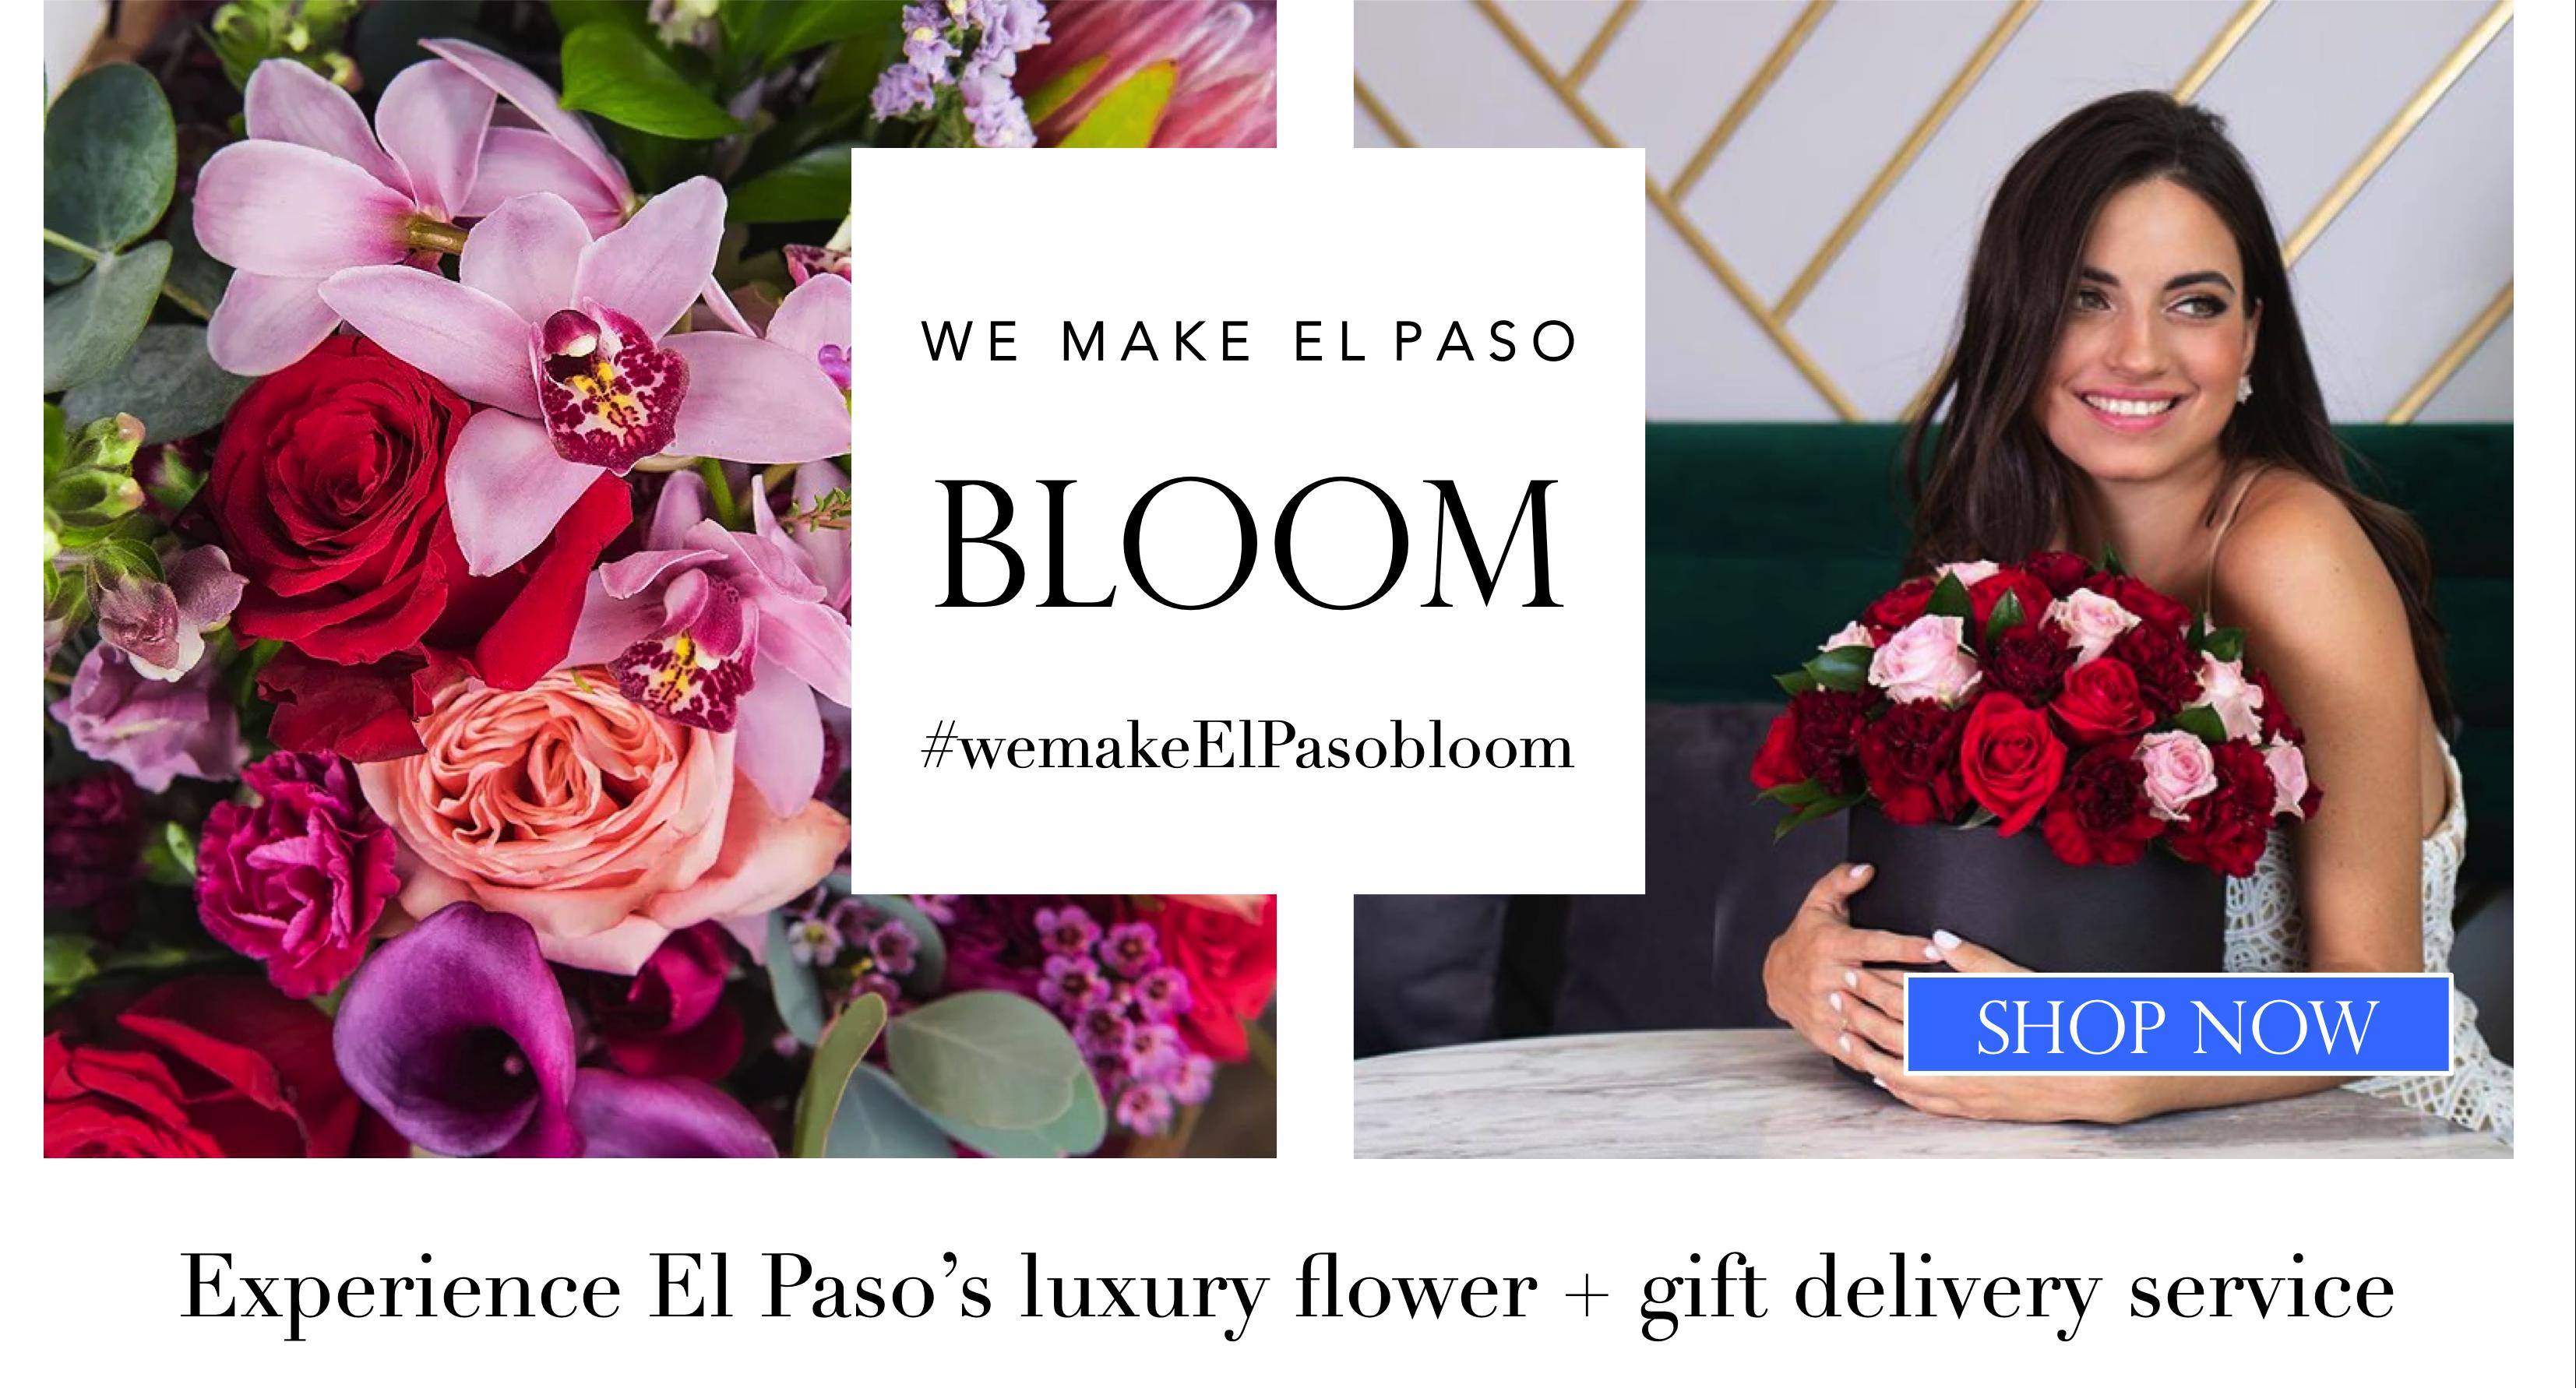 el-paso-floral-design-texas-floral-roses-floral-arrangements-79912-arrangement-luxury-79912-angies-flowers-el-paso-florist.png